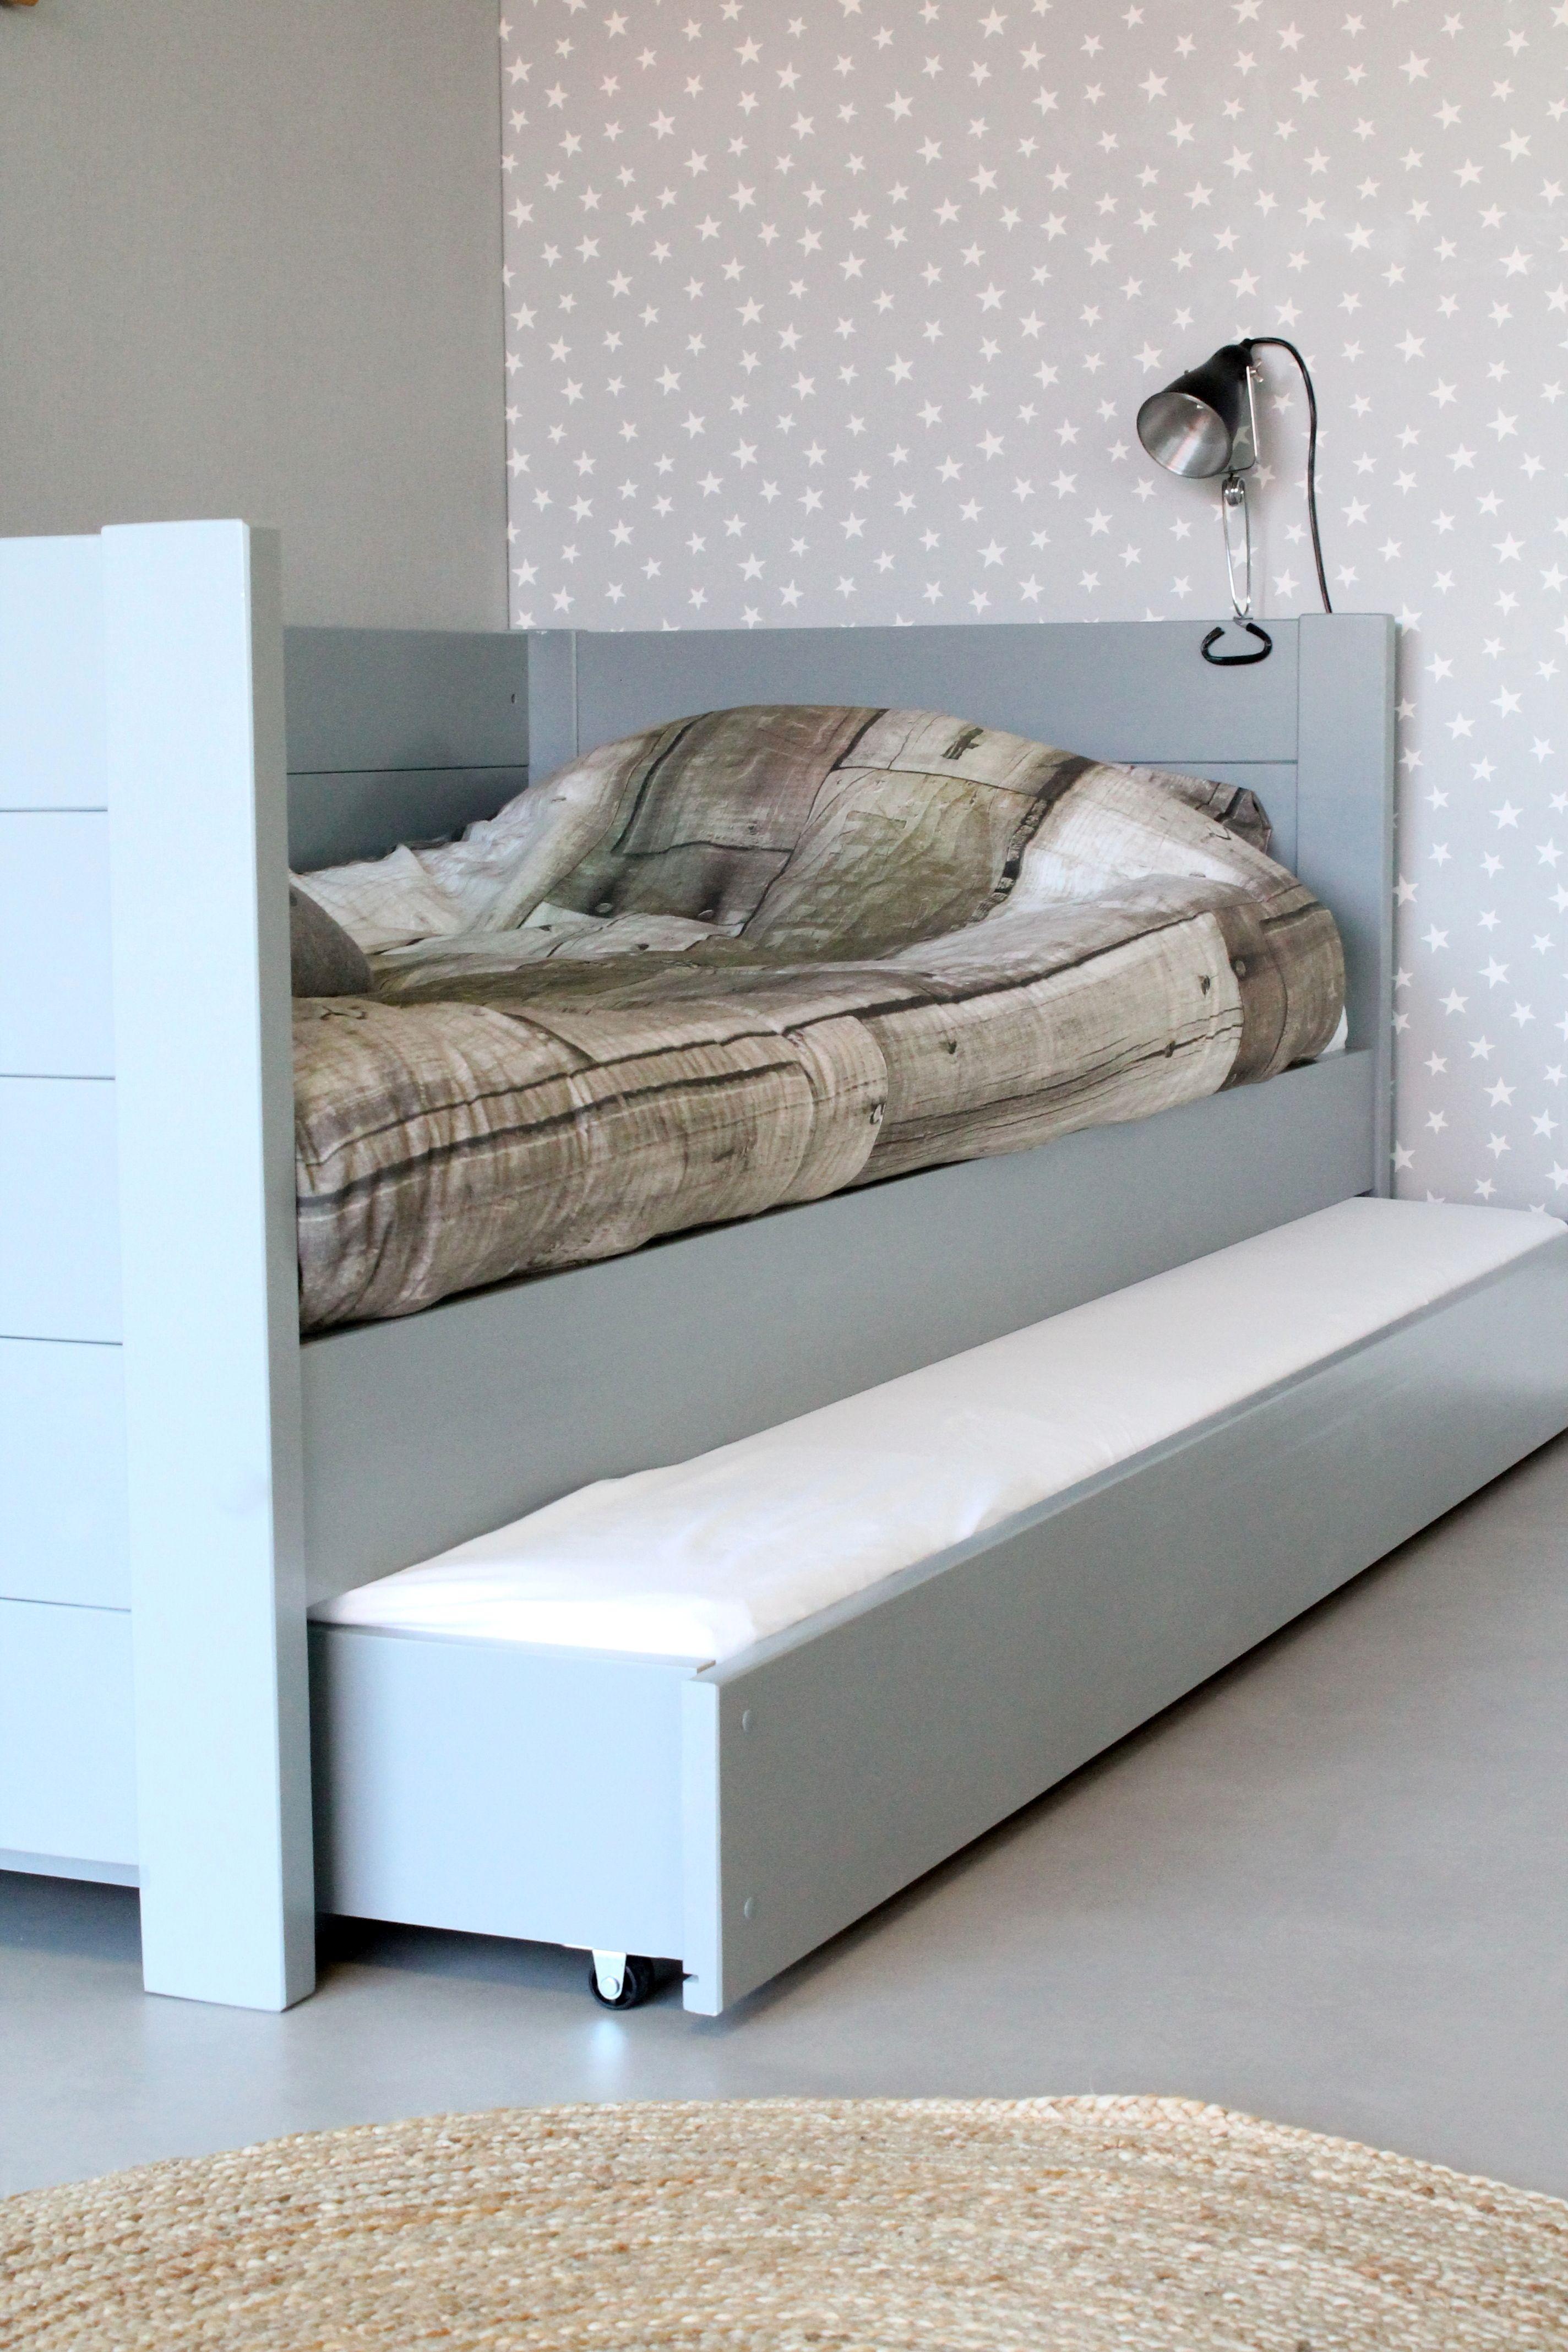 Stoere bedbank Sam in het grijs De la onder het bed kun